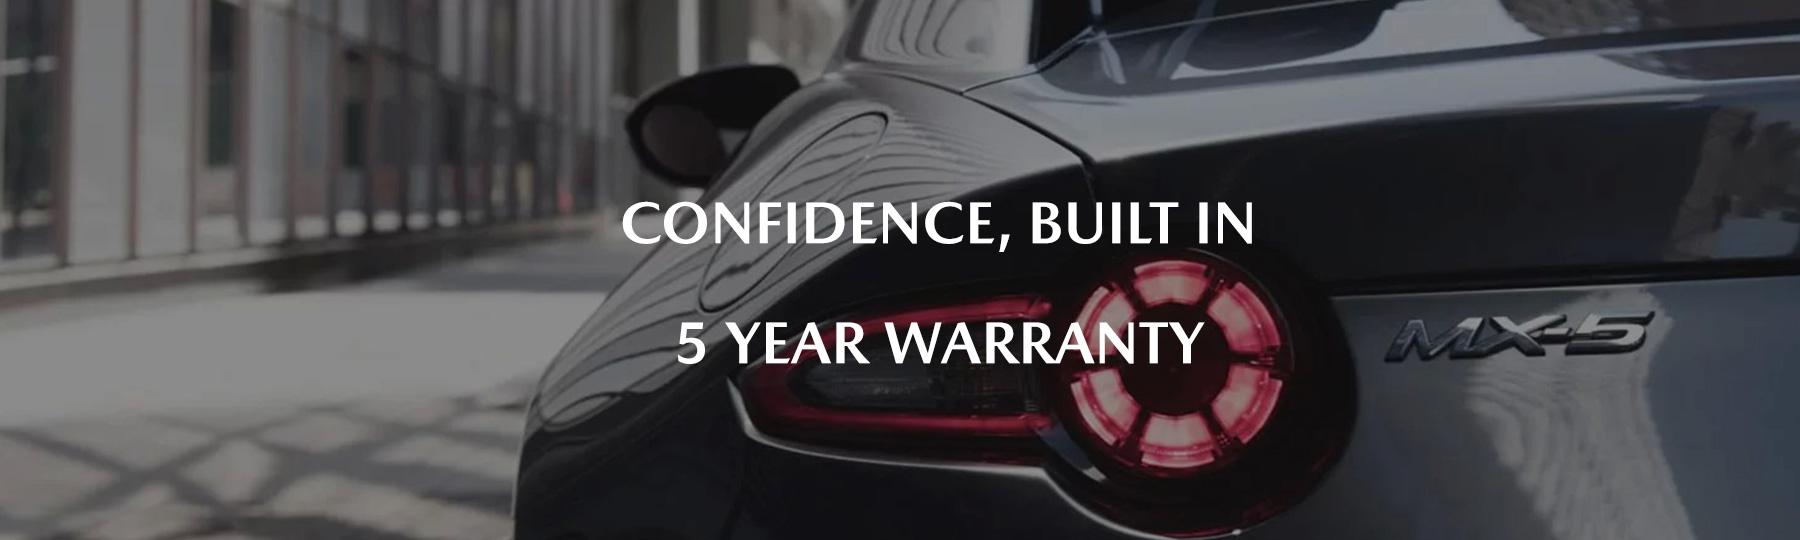 mazda 5 year warranty